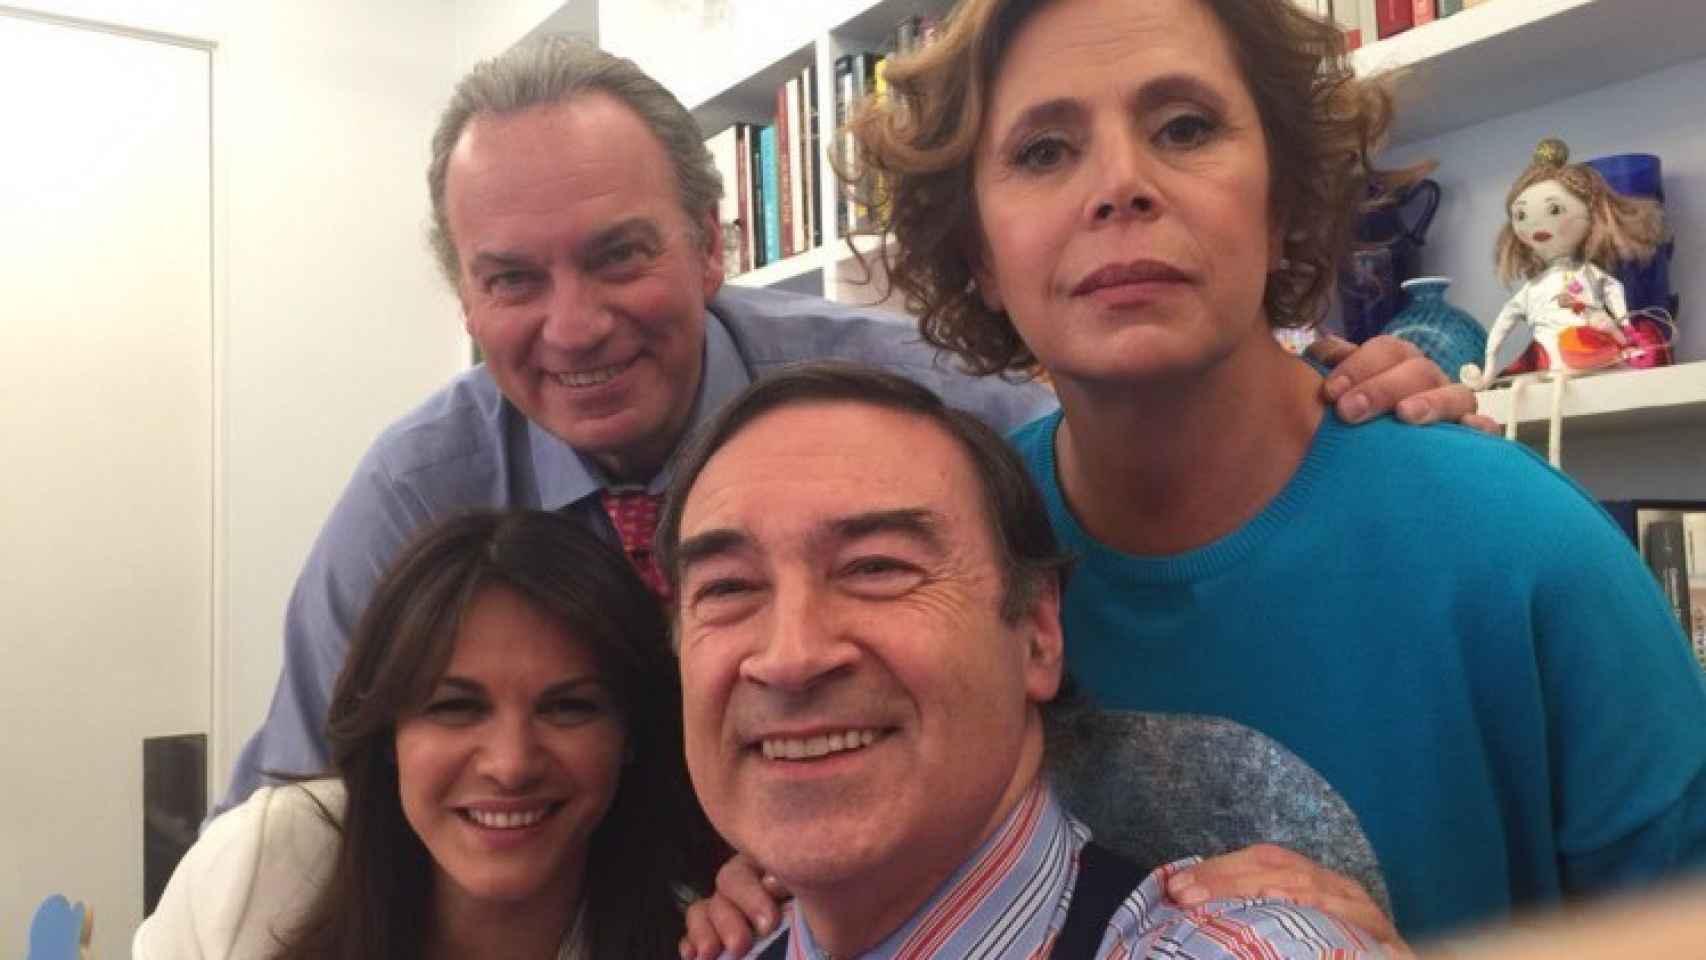 Imagen que colgó Pedro J. Ramírez en twitter el 15 de febrero, con Ágatha Ruiz de la Prada, Fabiola Martínez y Bertín Osborne.